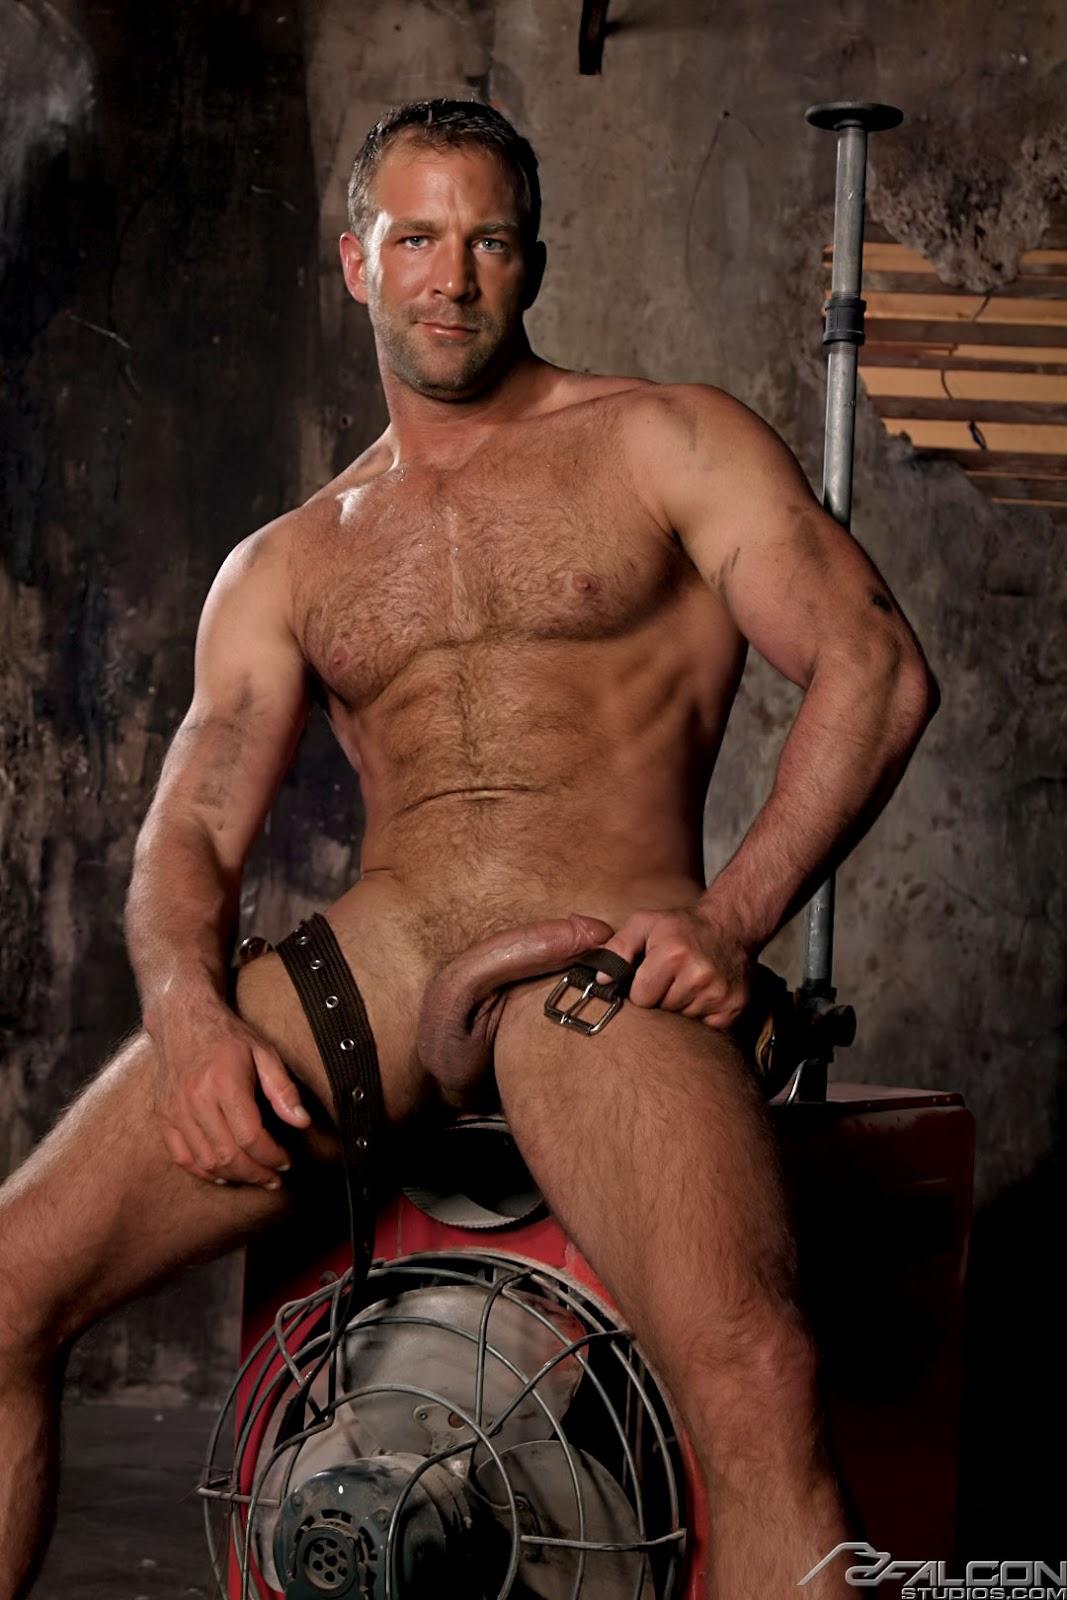 Quentin braun gay